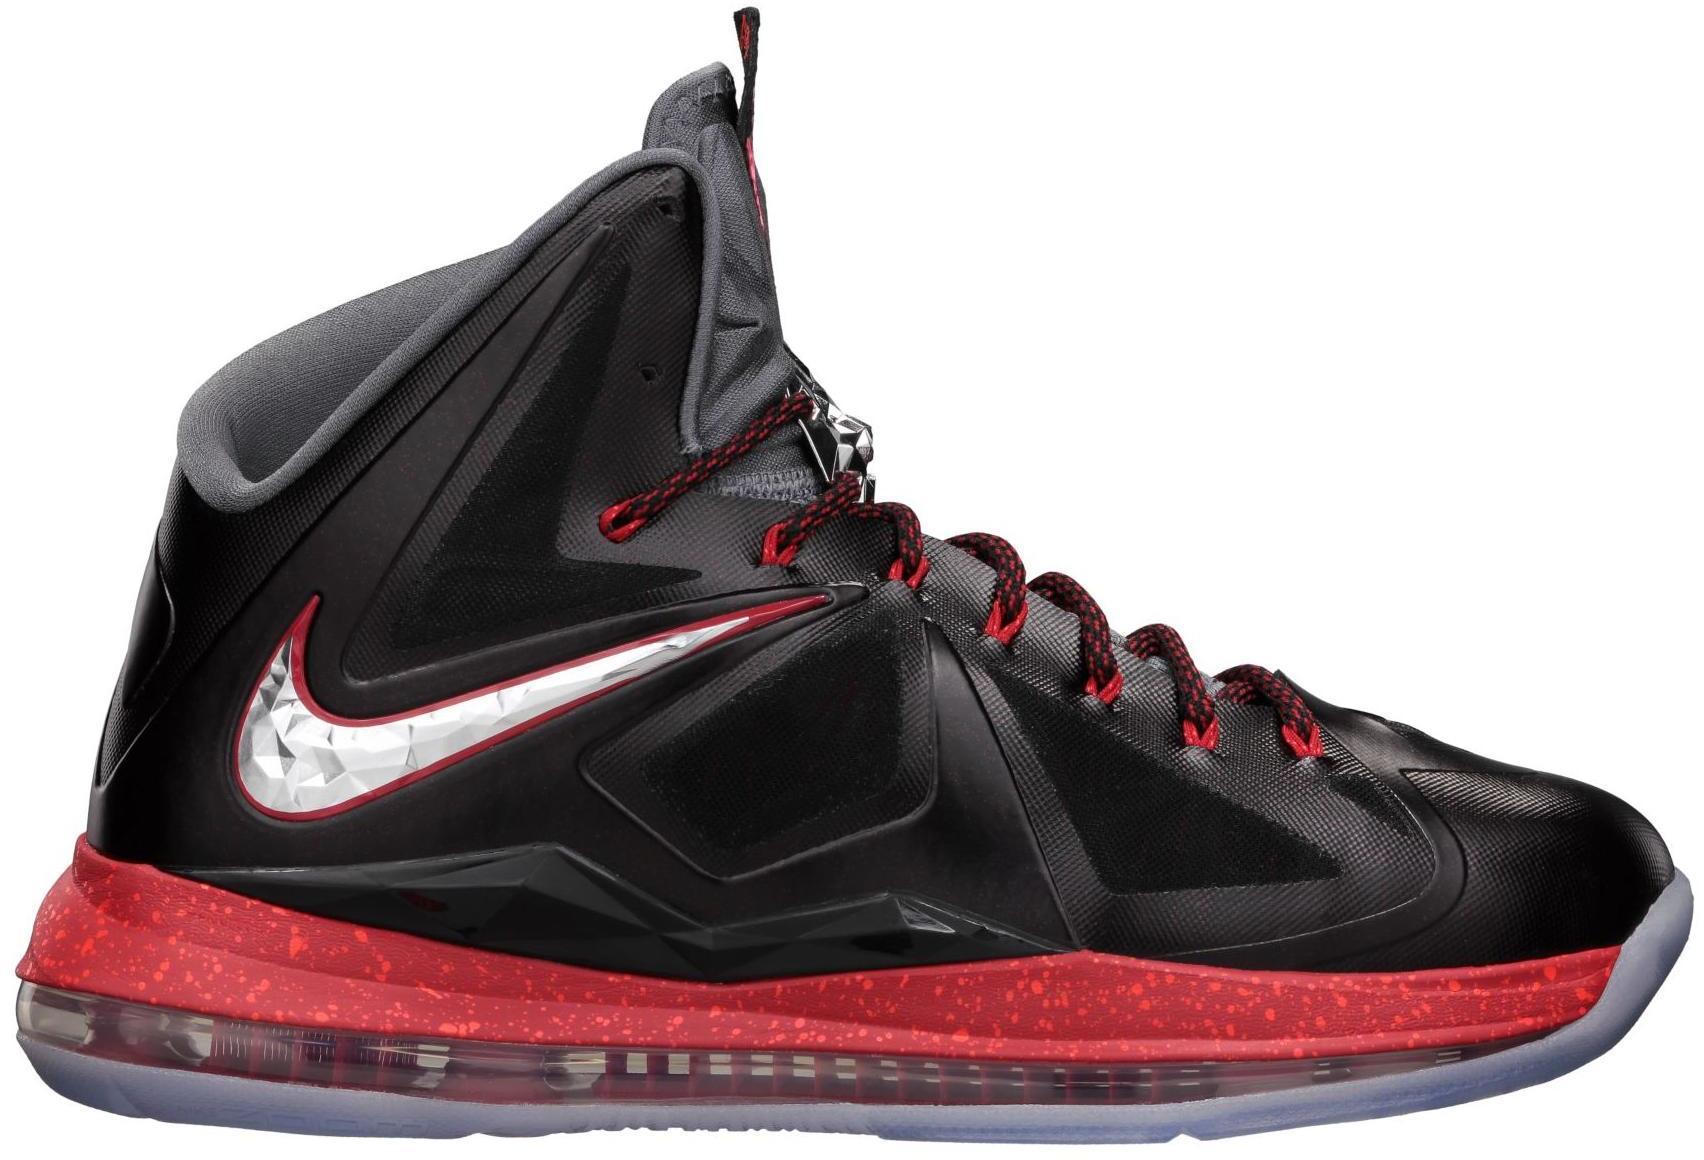 Nike LeBron X+ Pressure - 598360-001